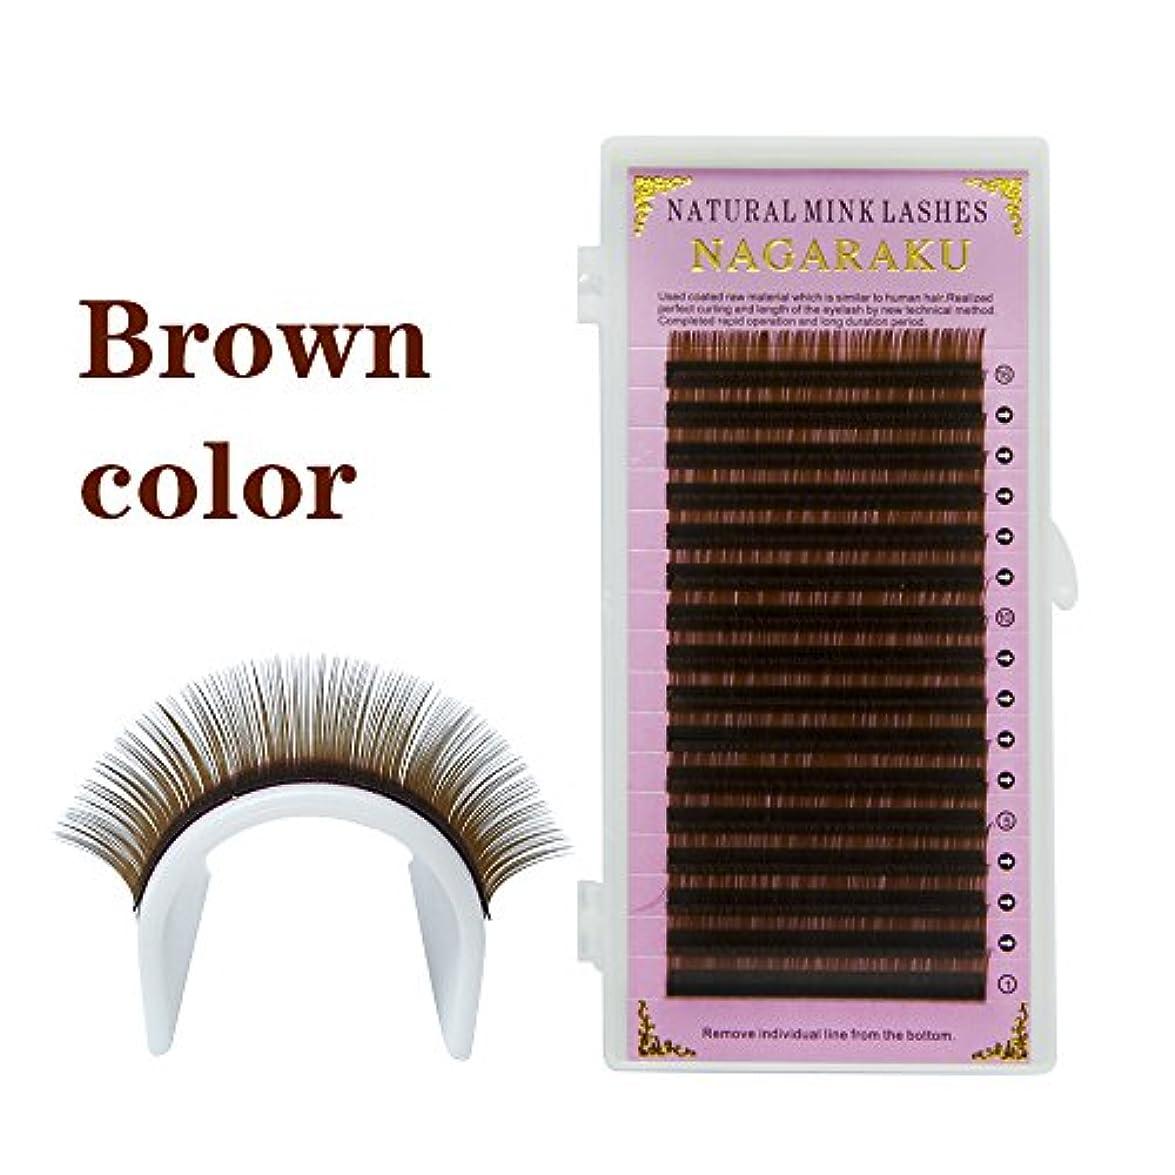 閃光株式会社支払いNAGARAKU 16列褐色ブラウン色まつげエクステ個人用のまつげミンクMinkマツエク、ソフトとナチュラル(0.10 C 11mm)